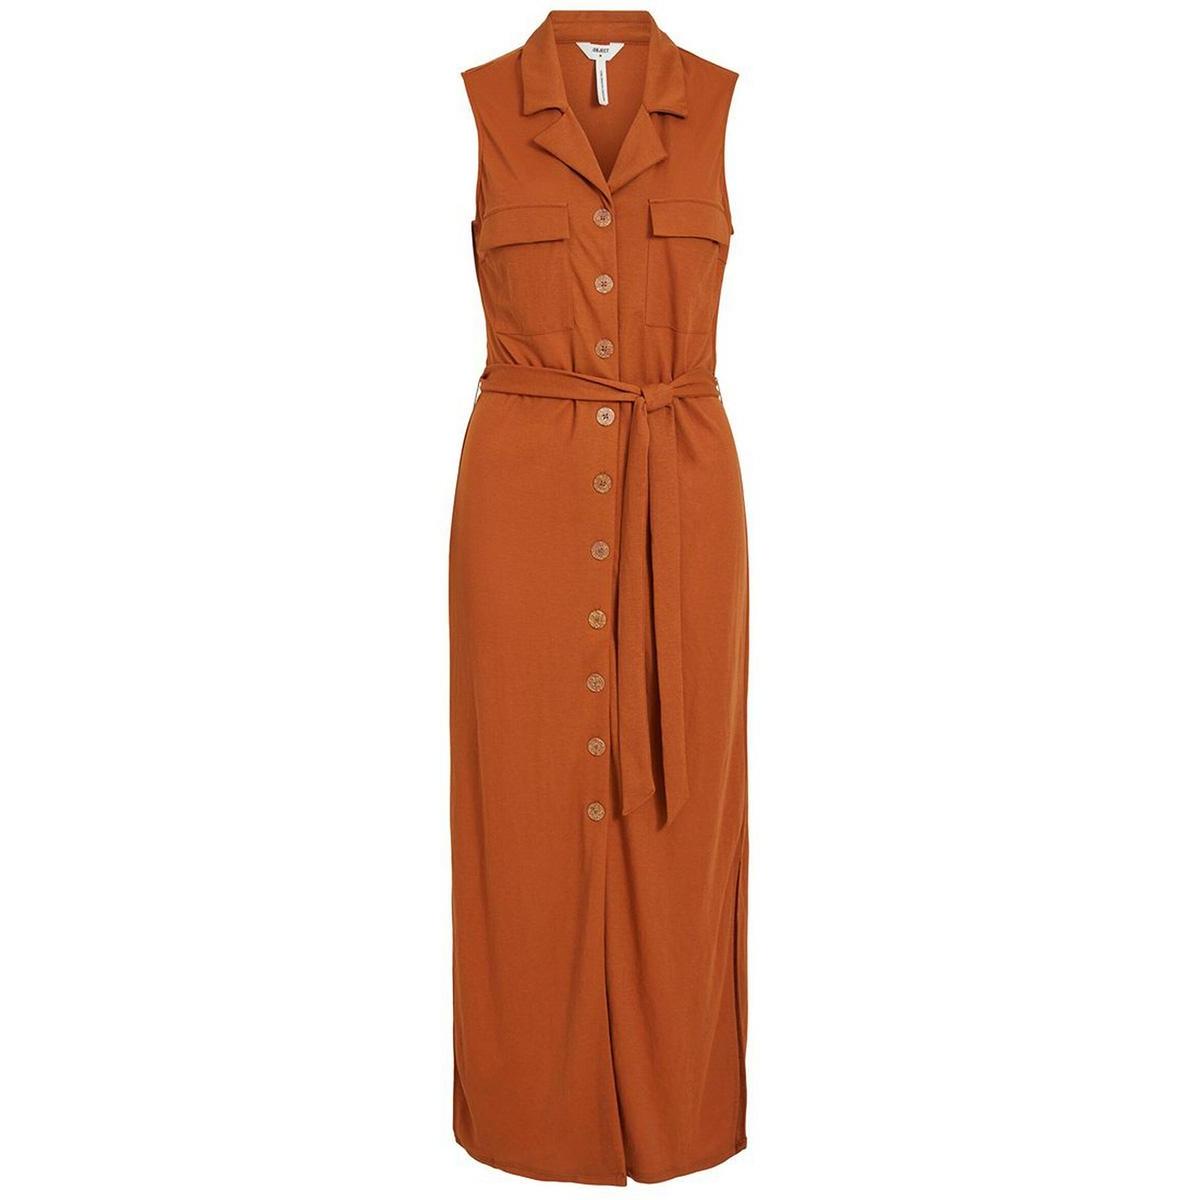 objcorine s/l dress 109 23032648 object jurk sugar almond